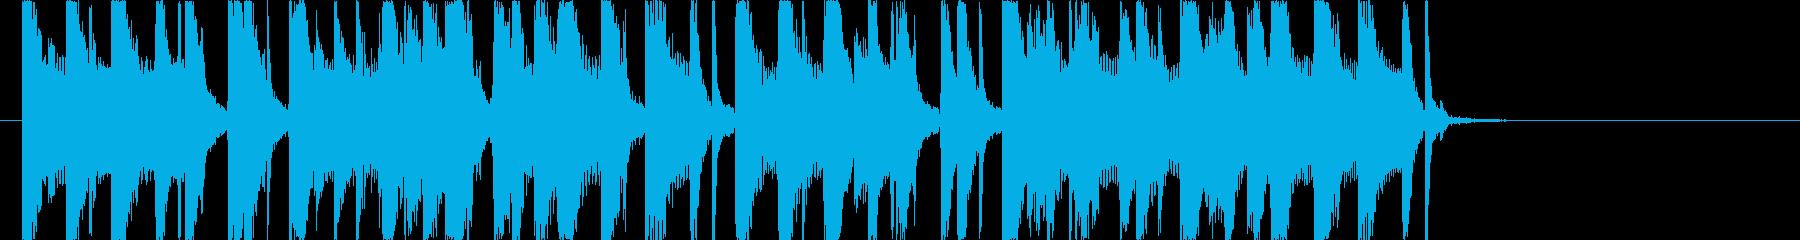 オシャレで切ないレゲエジングルの再生済みの波形